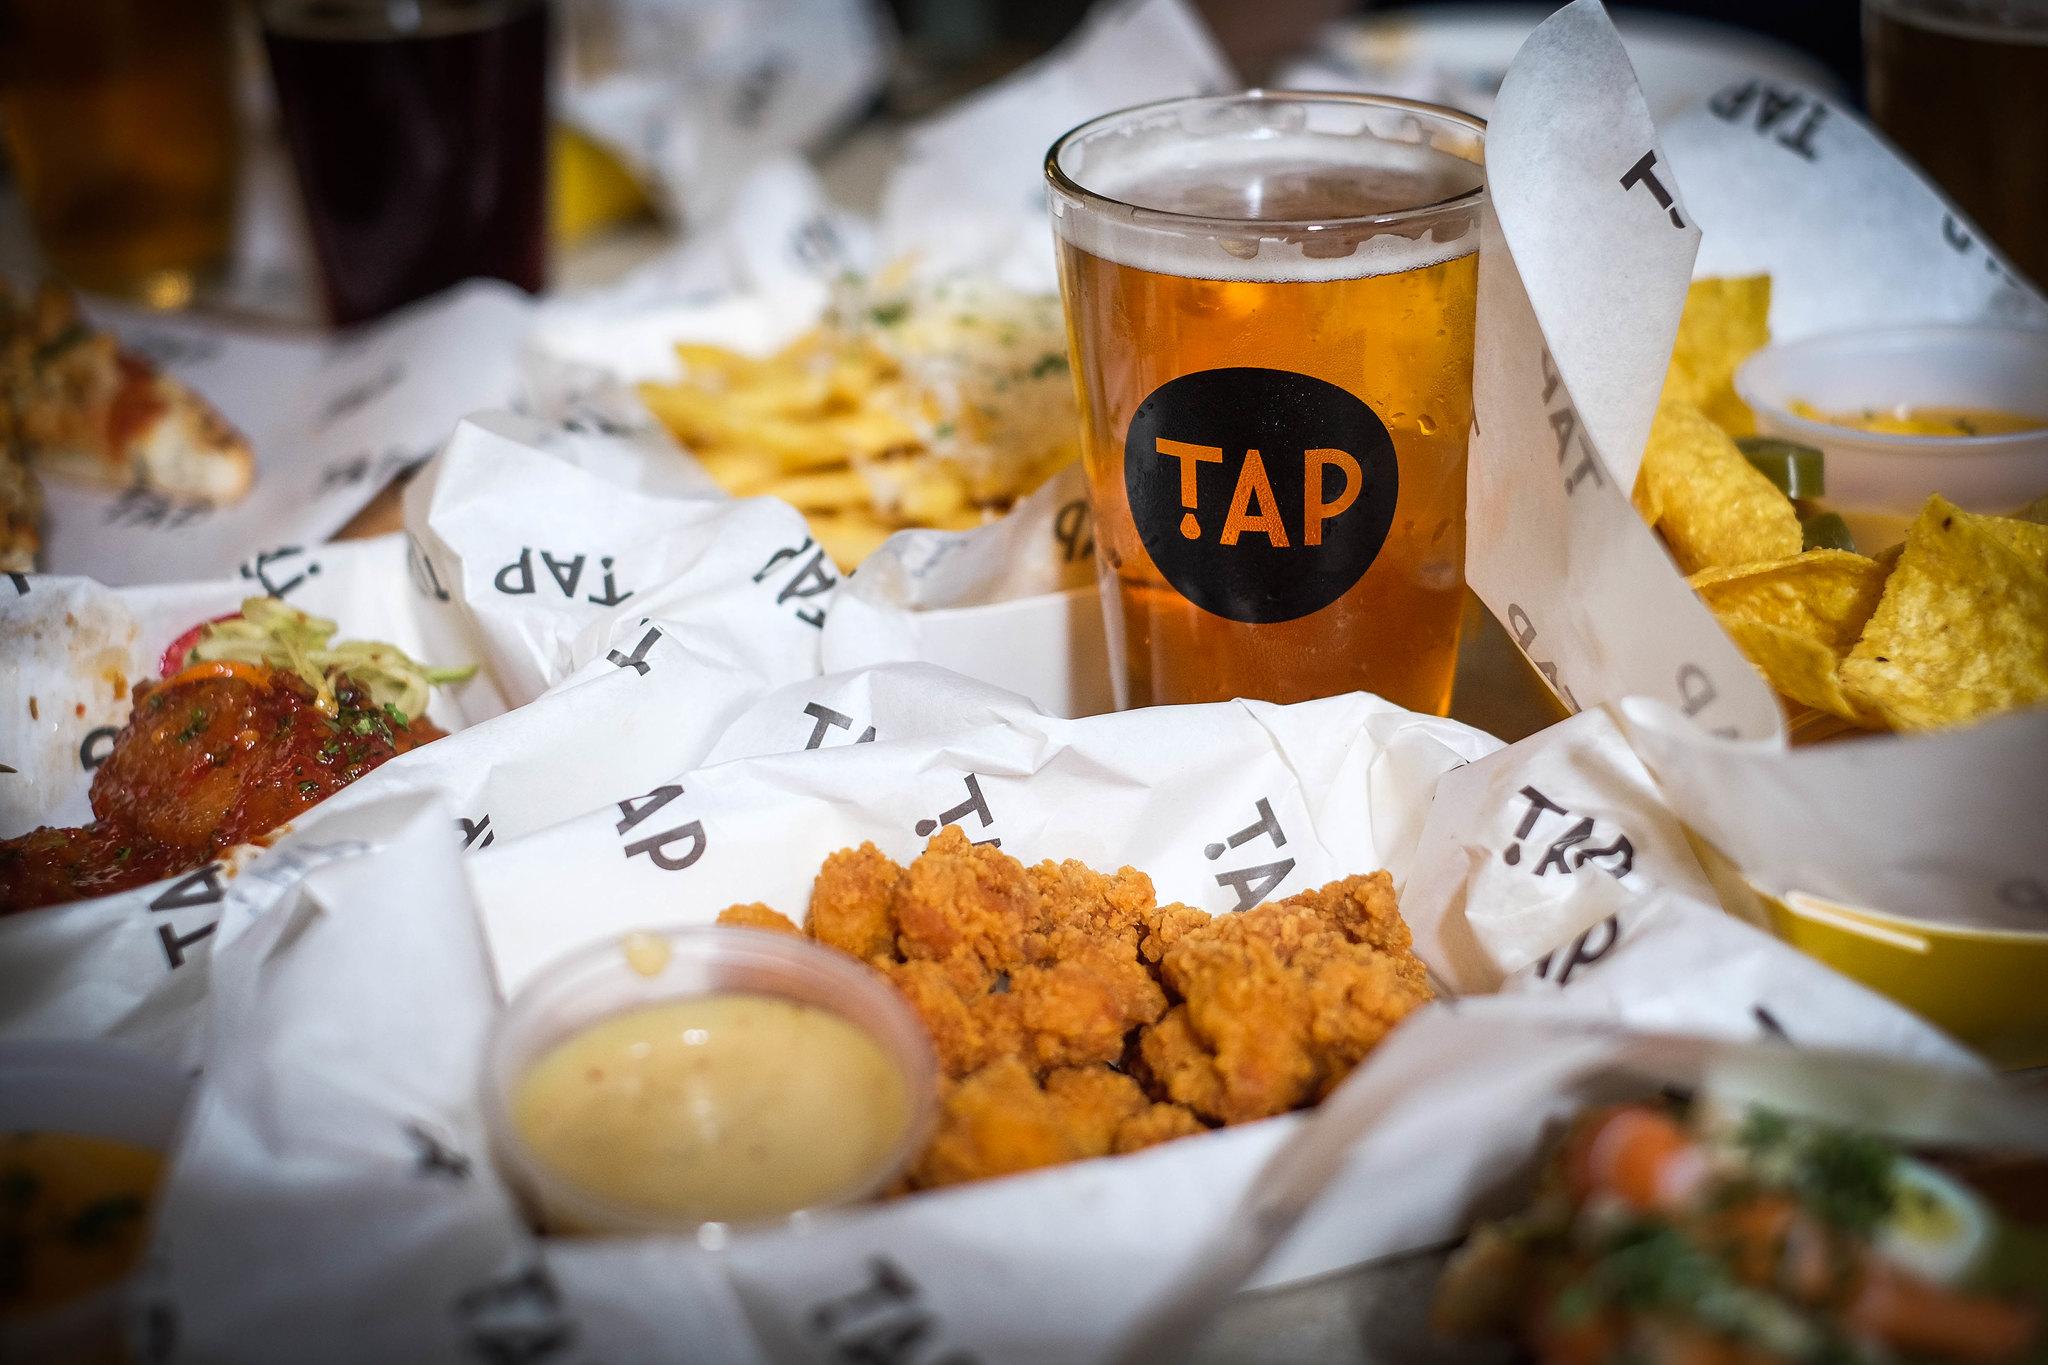 啤酒和食品